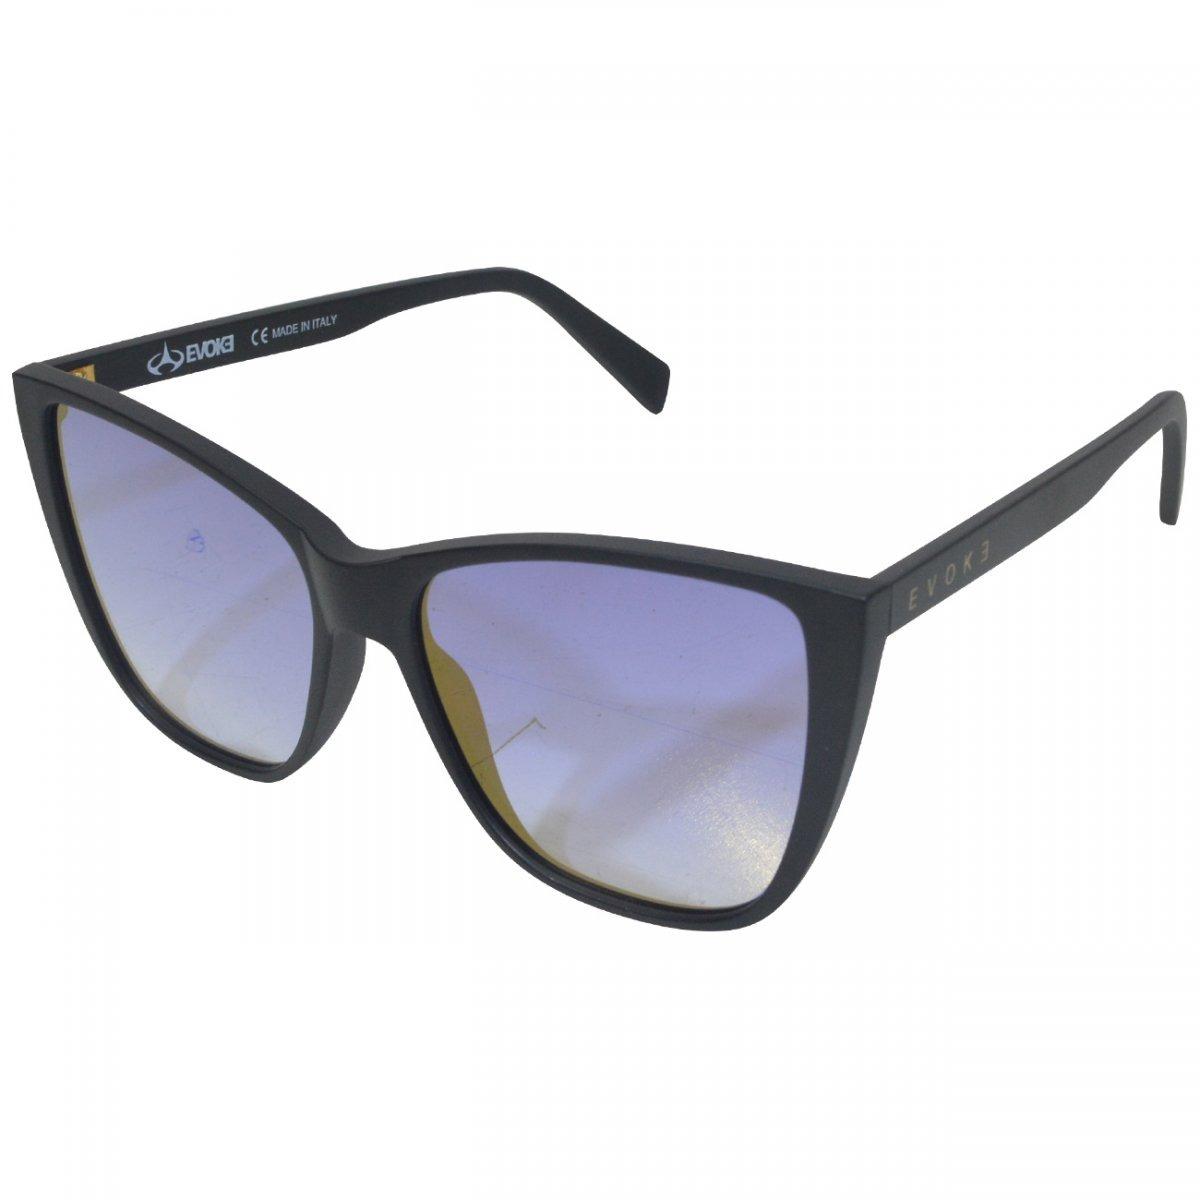 9f329b7f6 Oculos Evoke The Godmother - R$ 499,99 em Mercado Livre